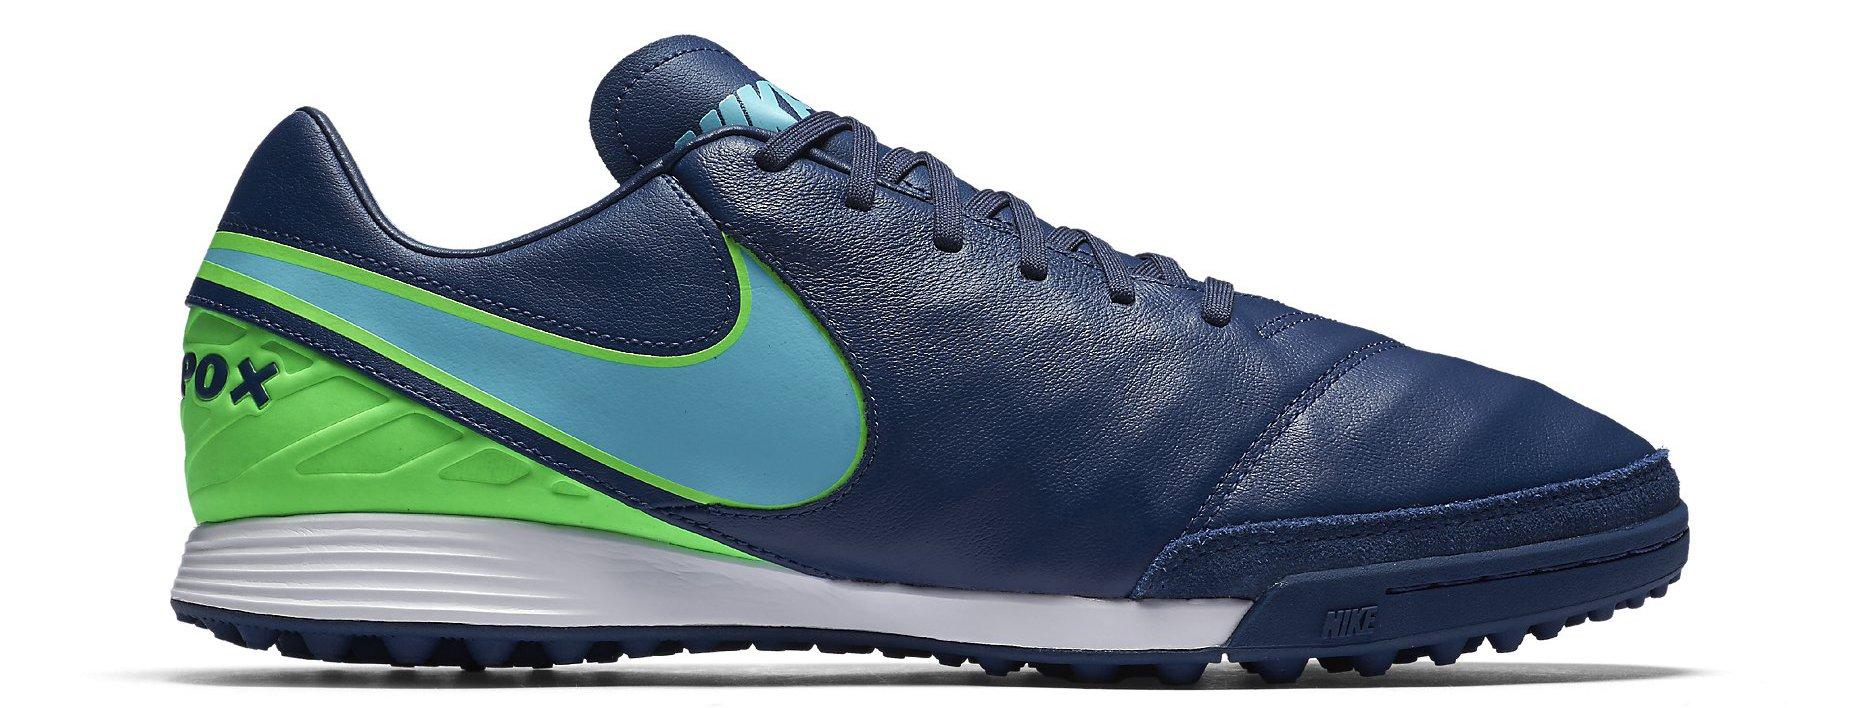 Kopačky Nike Tiempo Mystic V TF